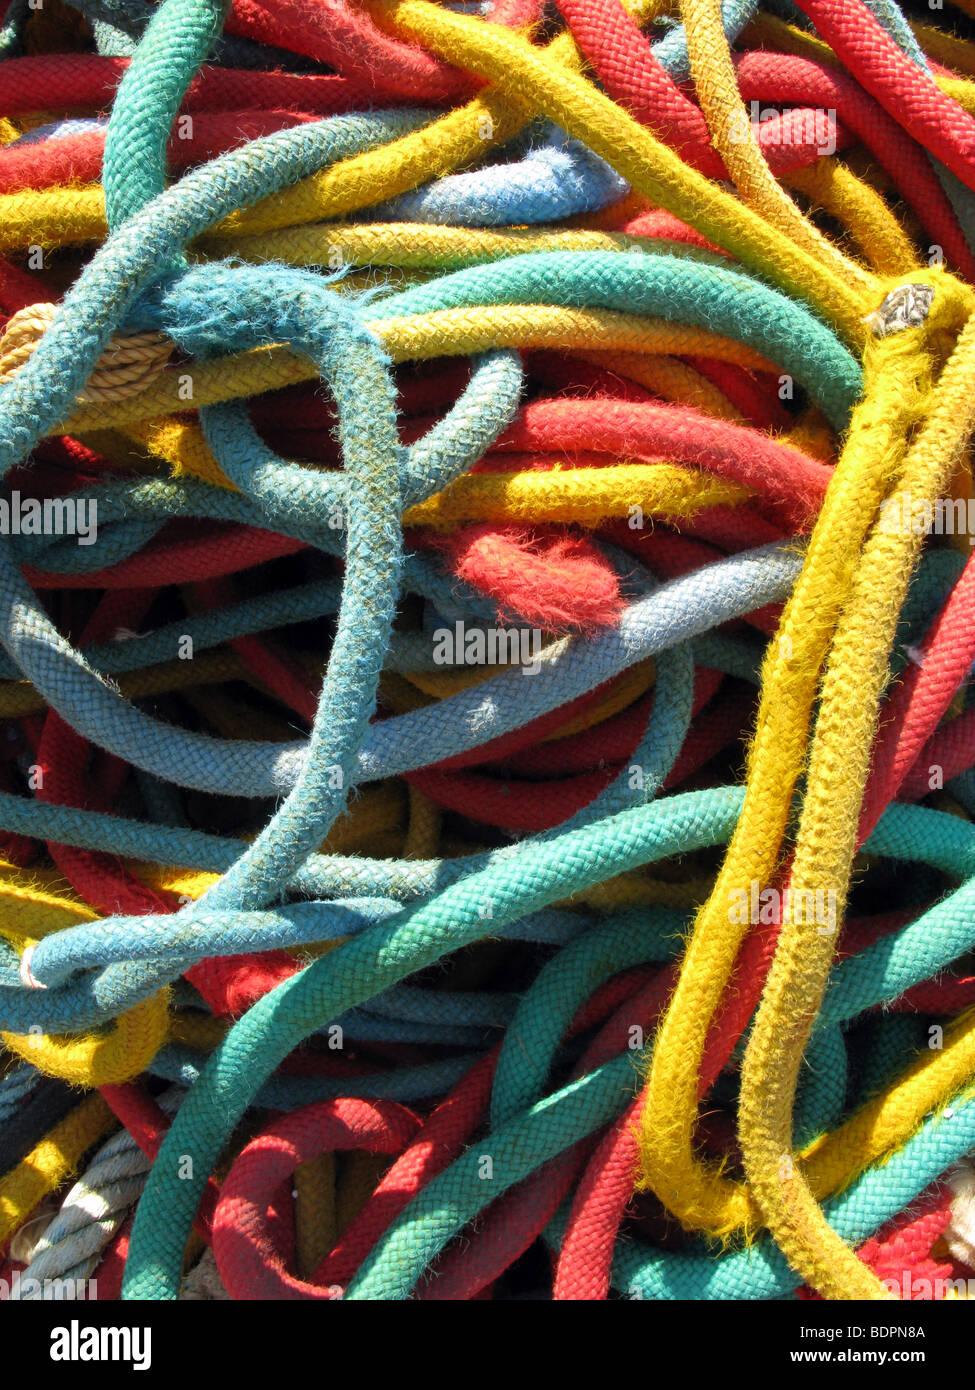 Détail de cordes colorées utilisées sur les bateaux de pêche au port Photo Stock